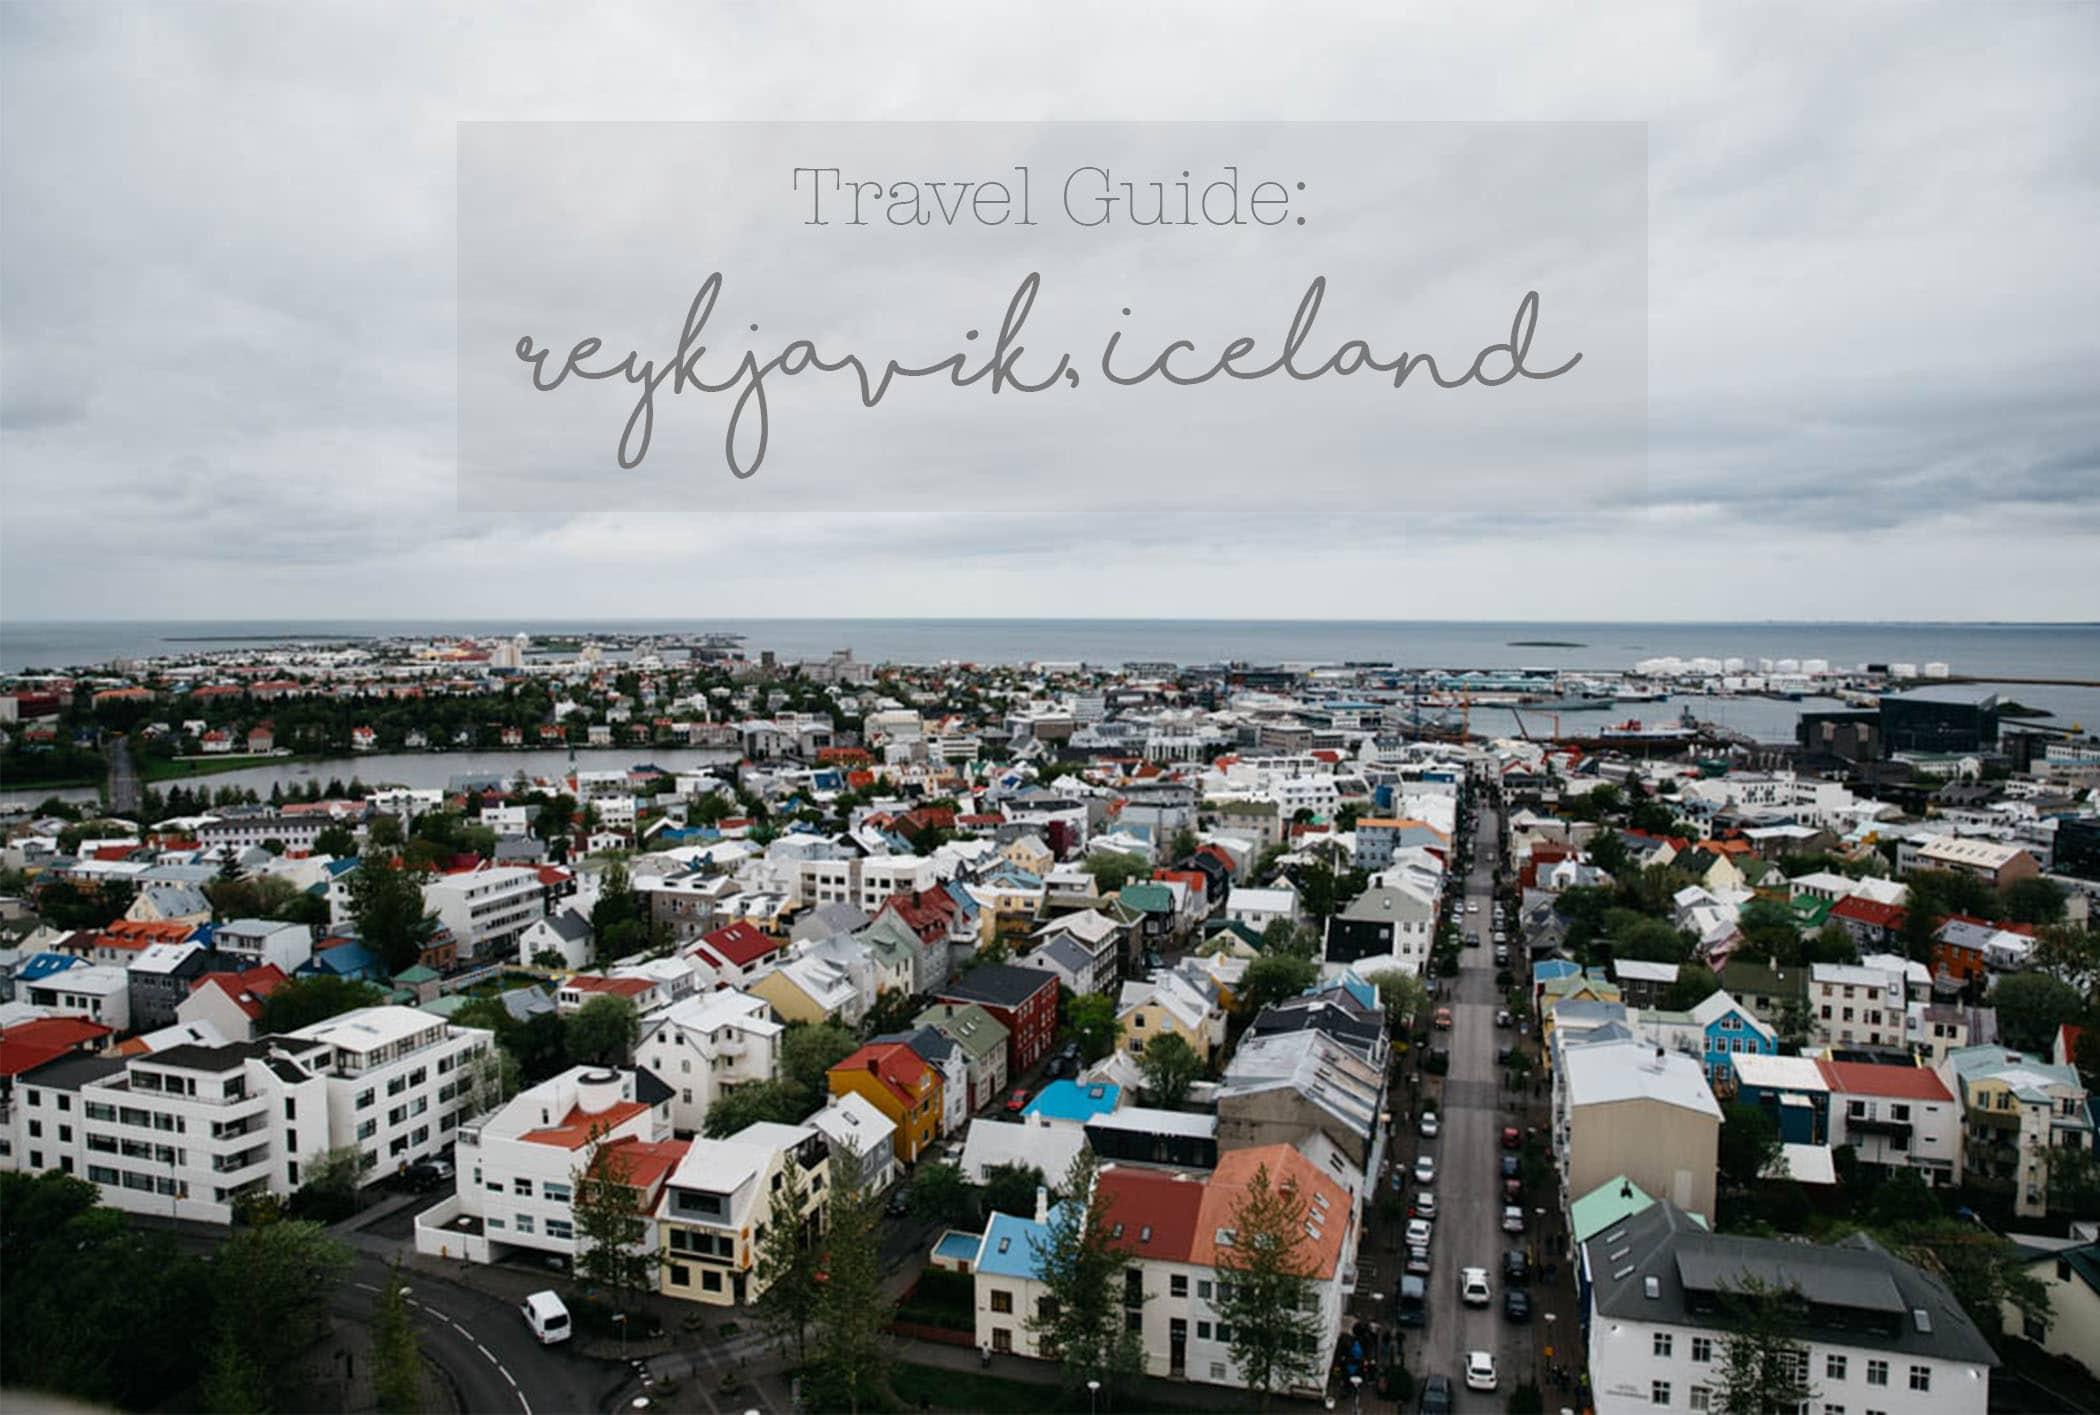 Reykjavik Iceland Travel Guide